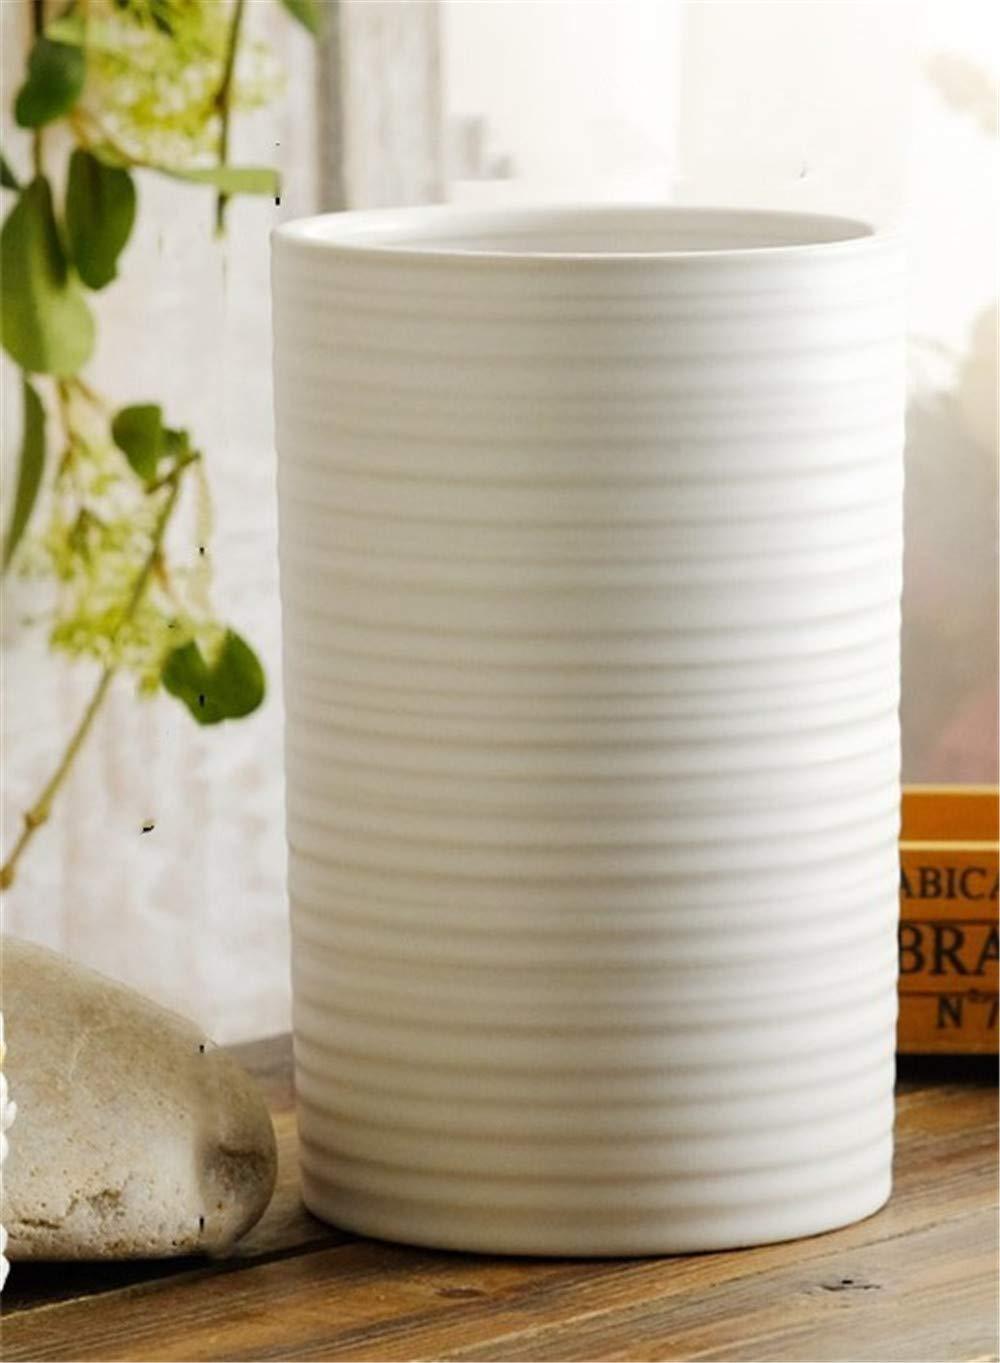 Amazon.com: Maceta de cerámica con patrón de espiral blanco ...